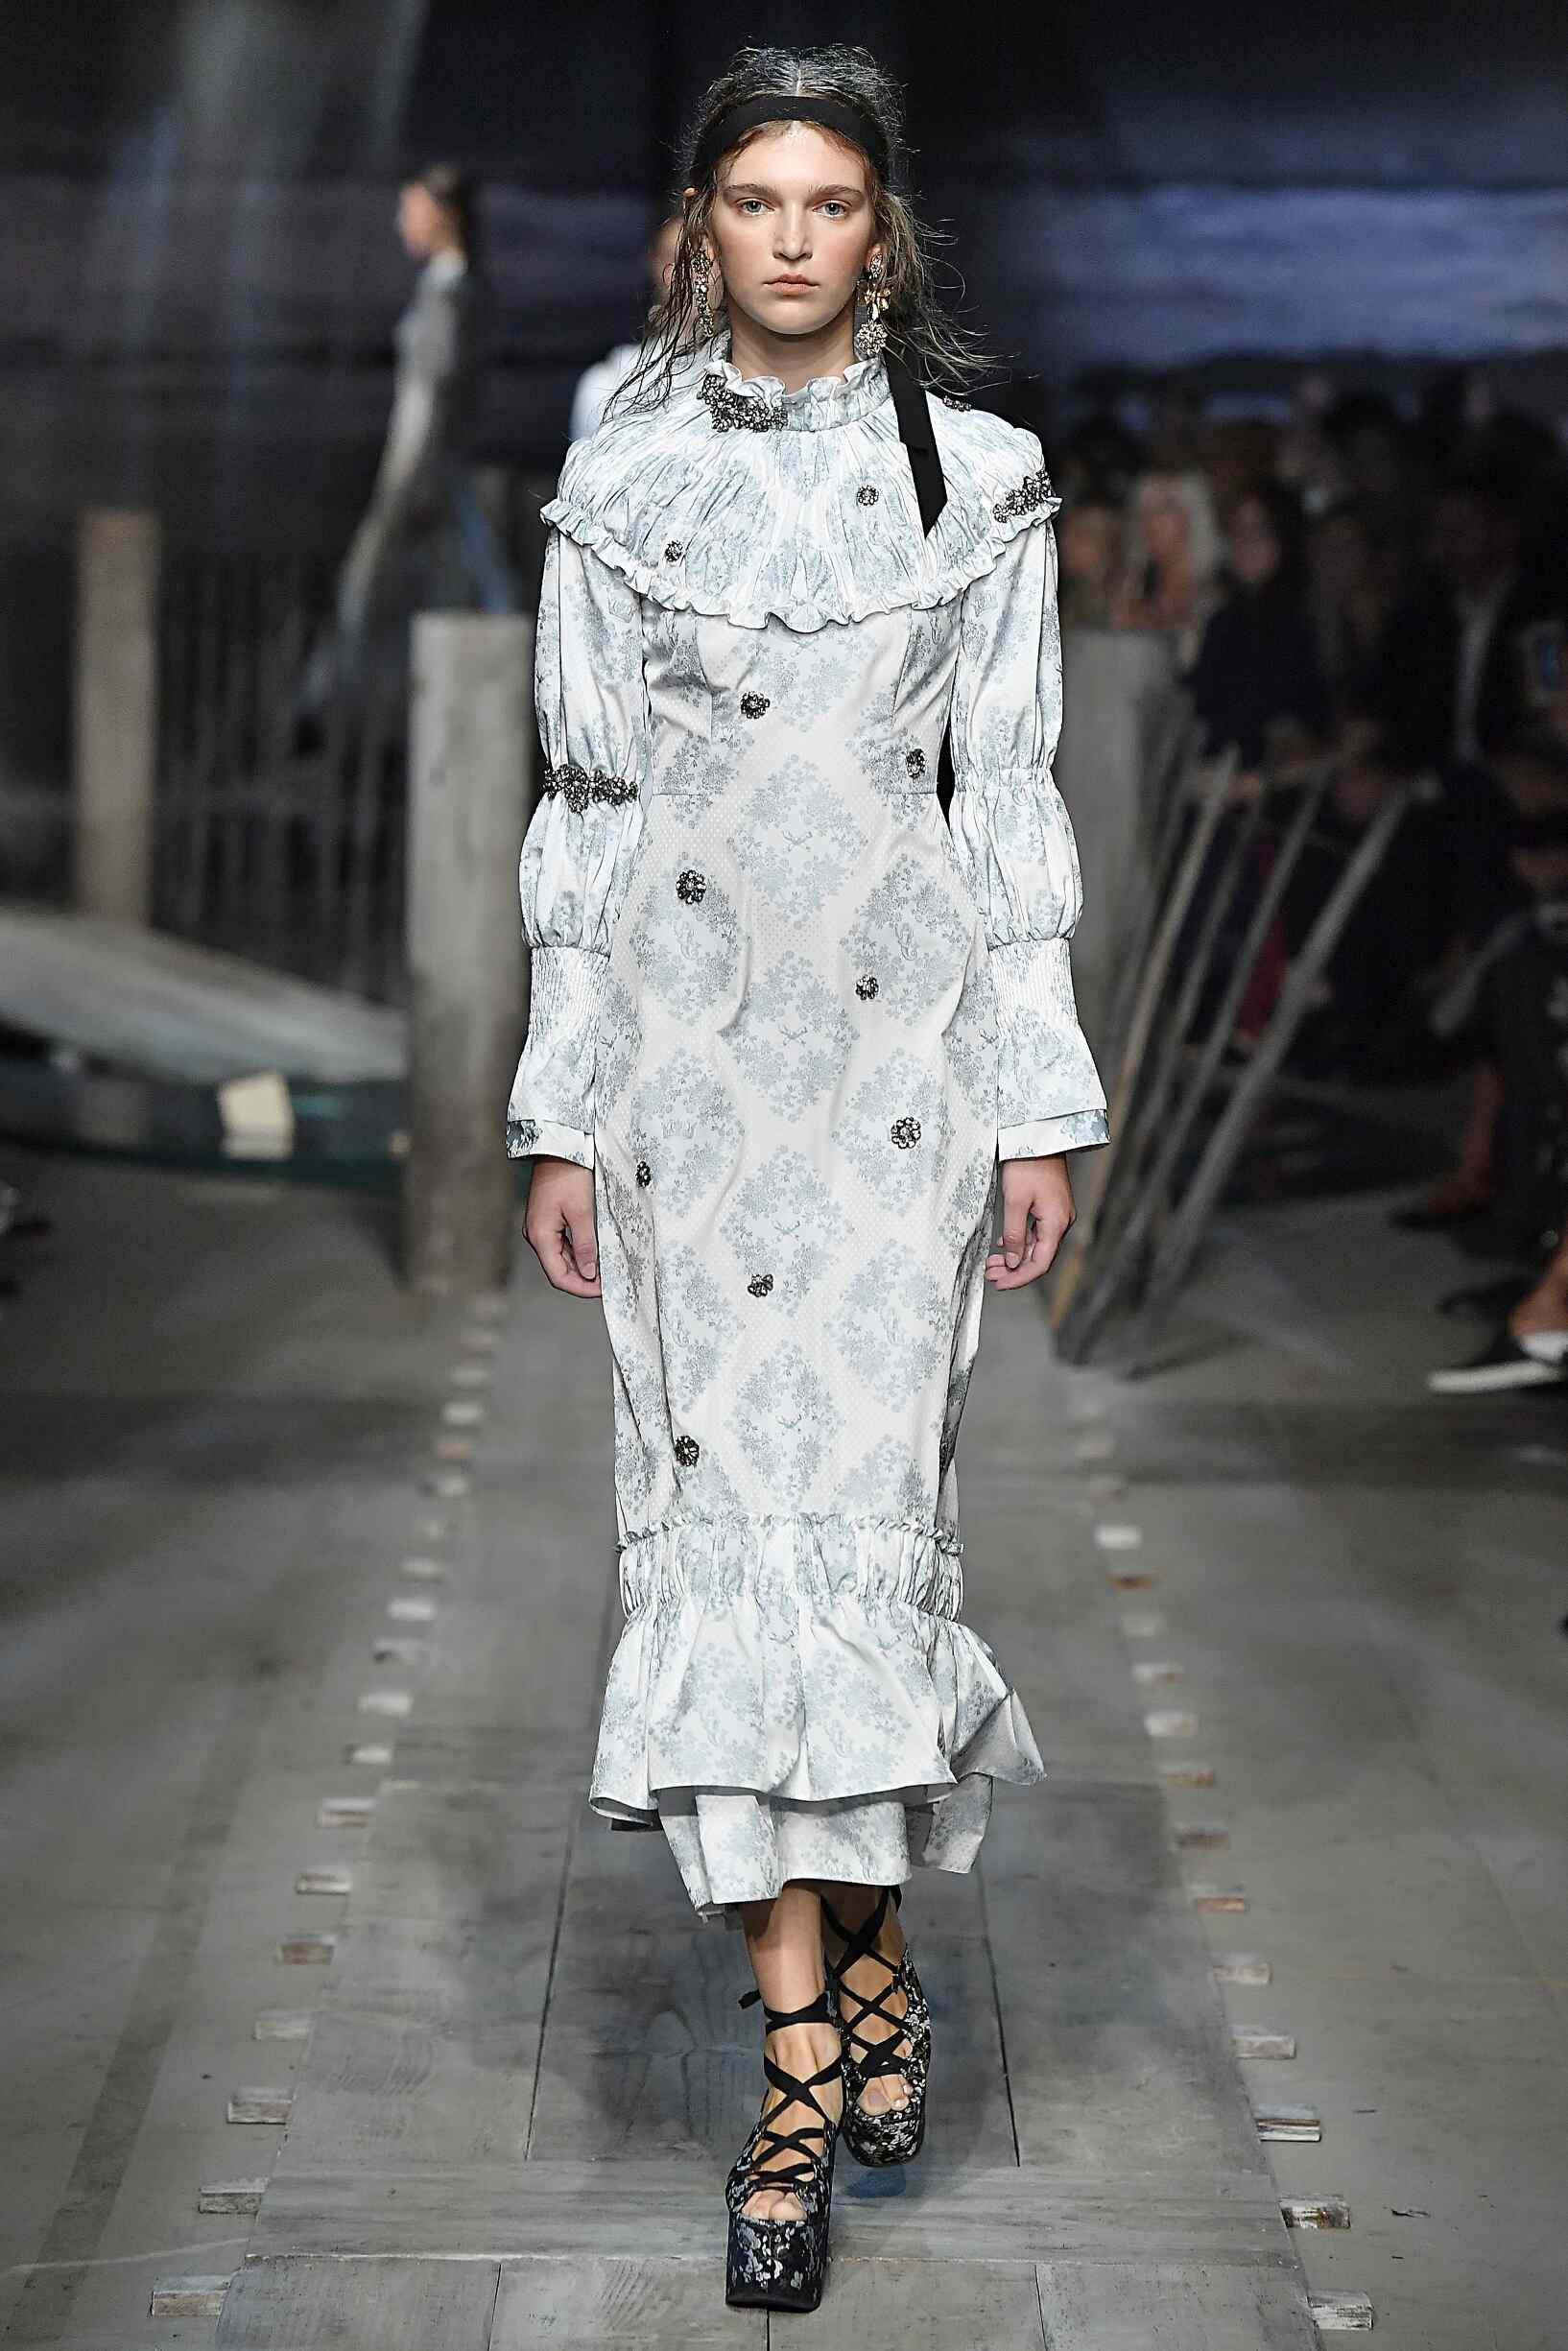 Fashion Woman Model Erdem Catwalk